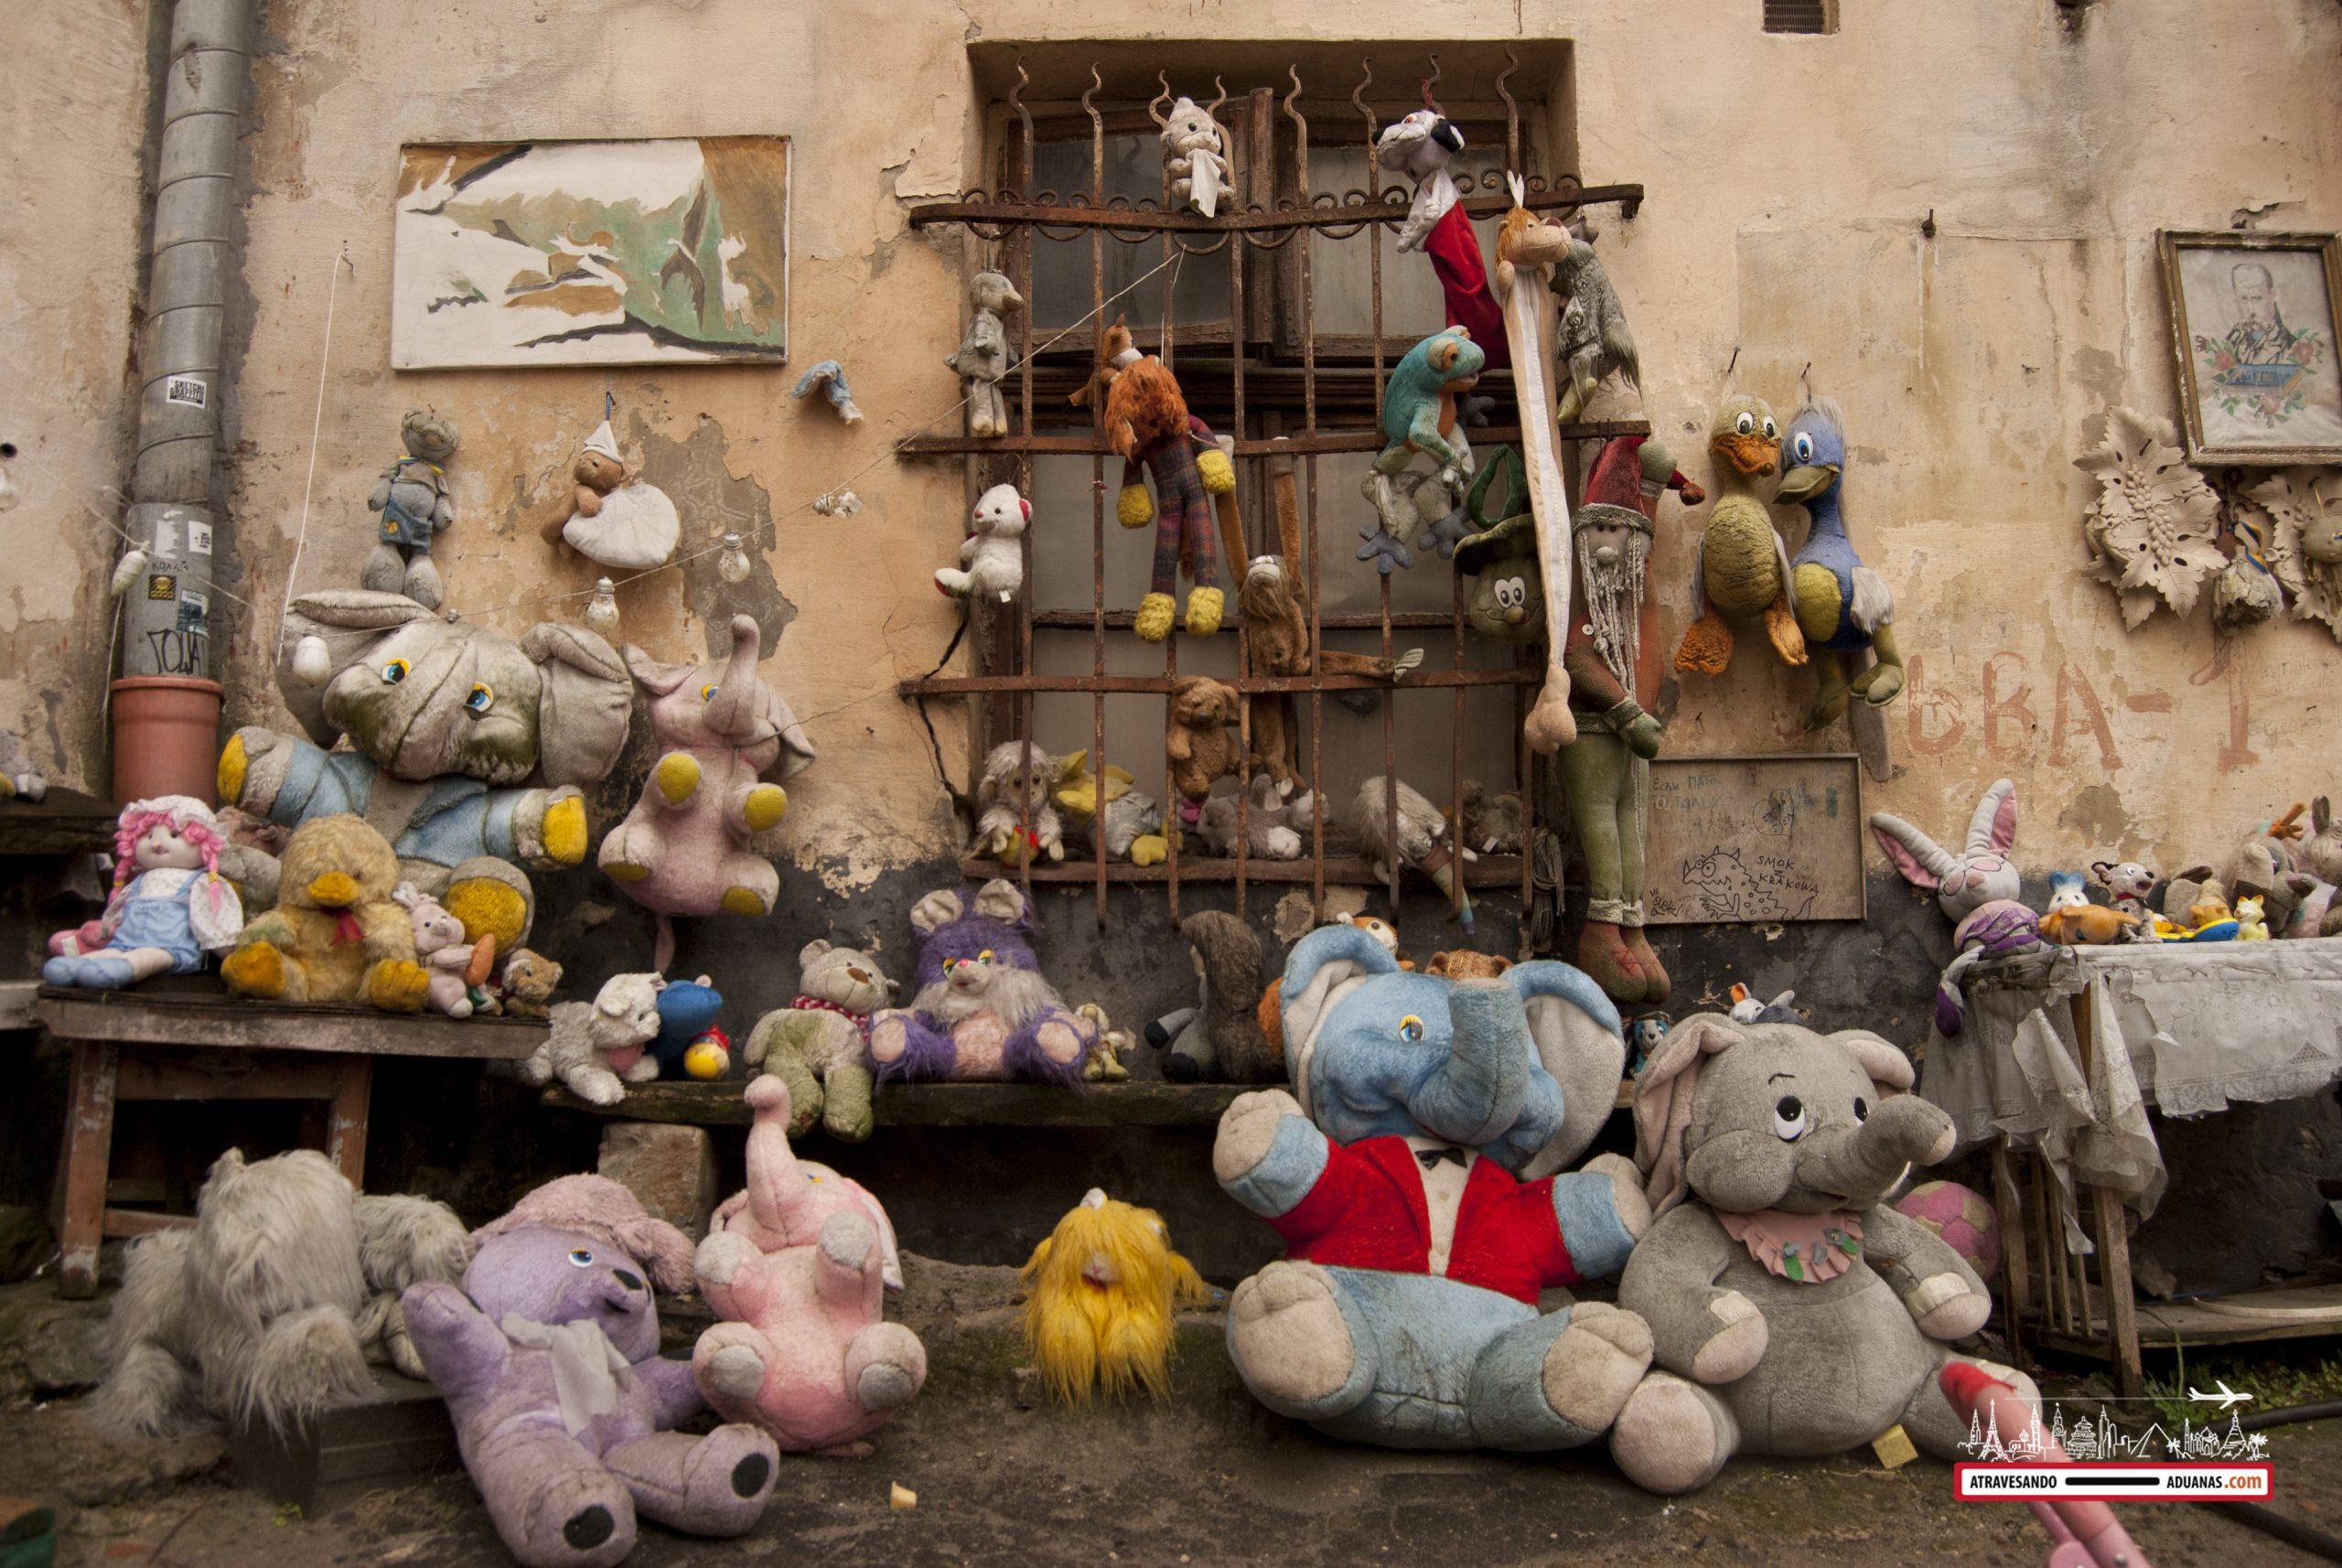 juguetes abandonados en lviv